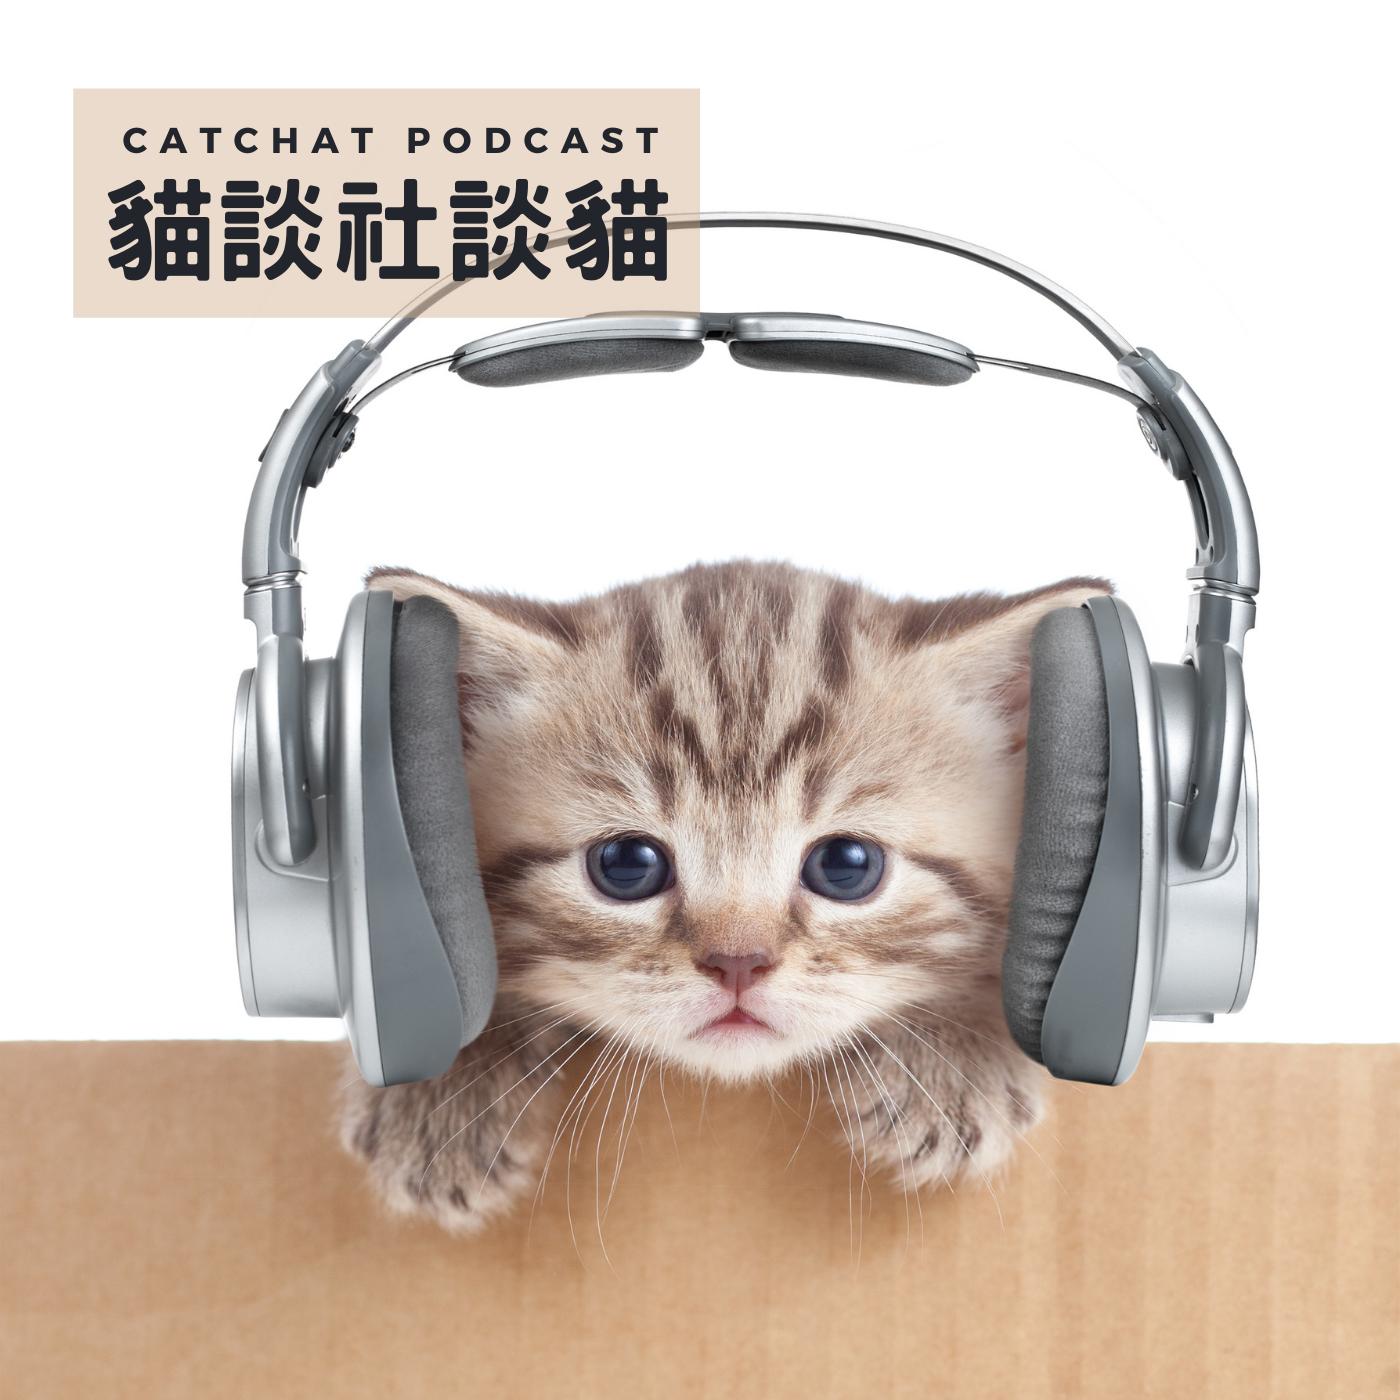 EP06! 是我的貓太貪吃嗎?貓咪一直想吃人類的食物怎麼辦?